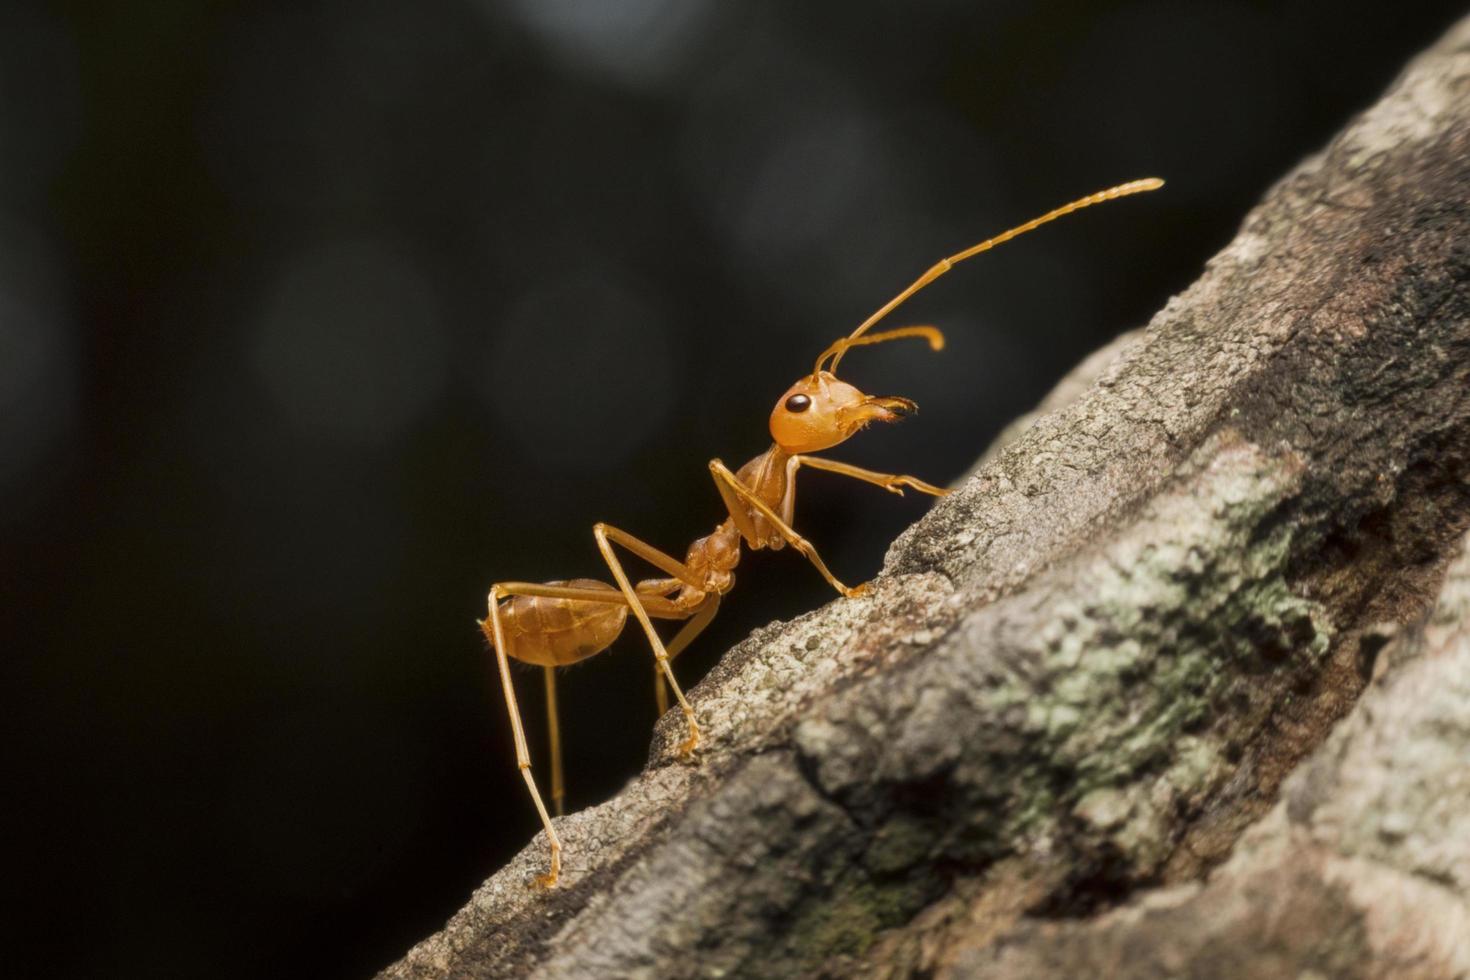 vue macro de la fourmi rouge dans la nature photo